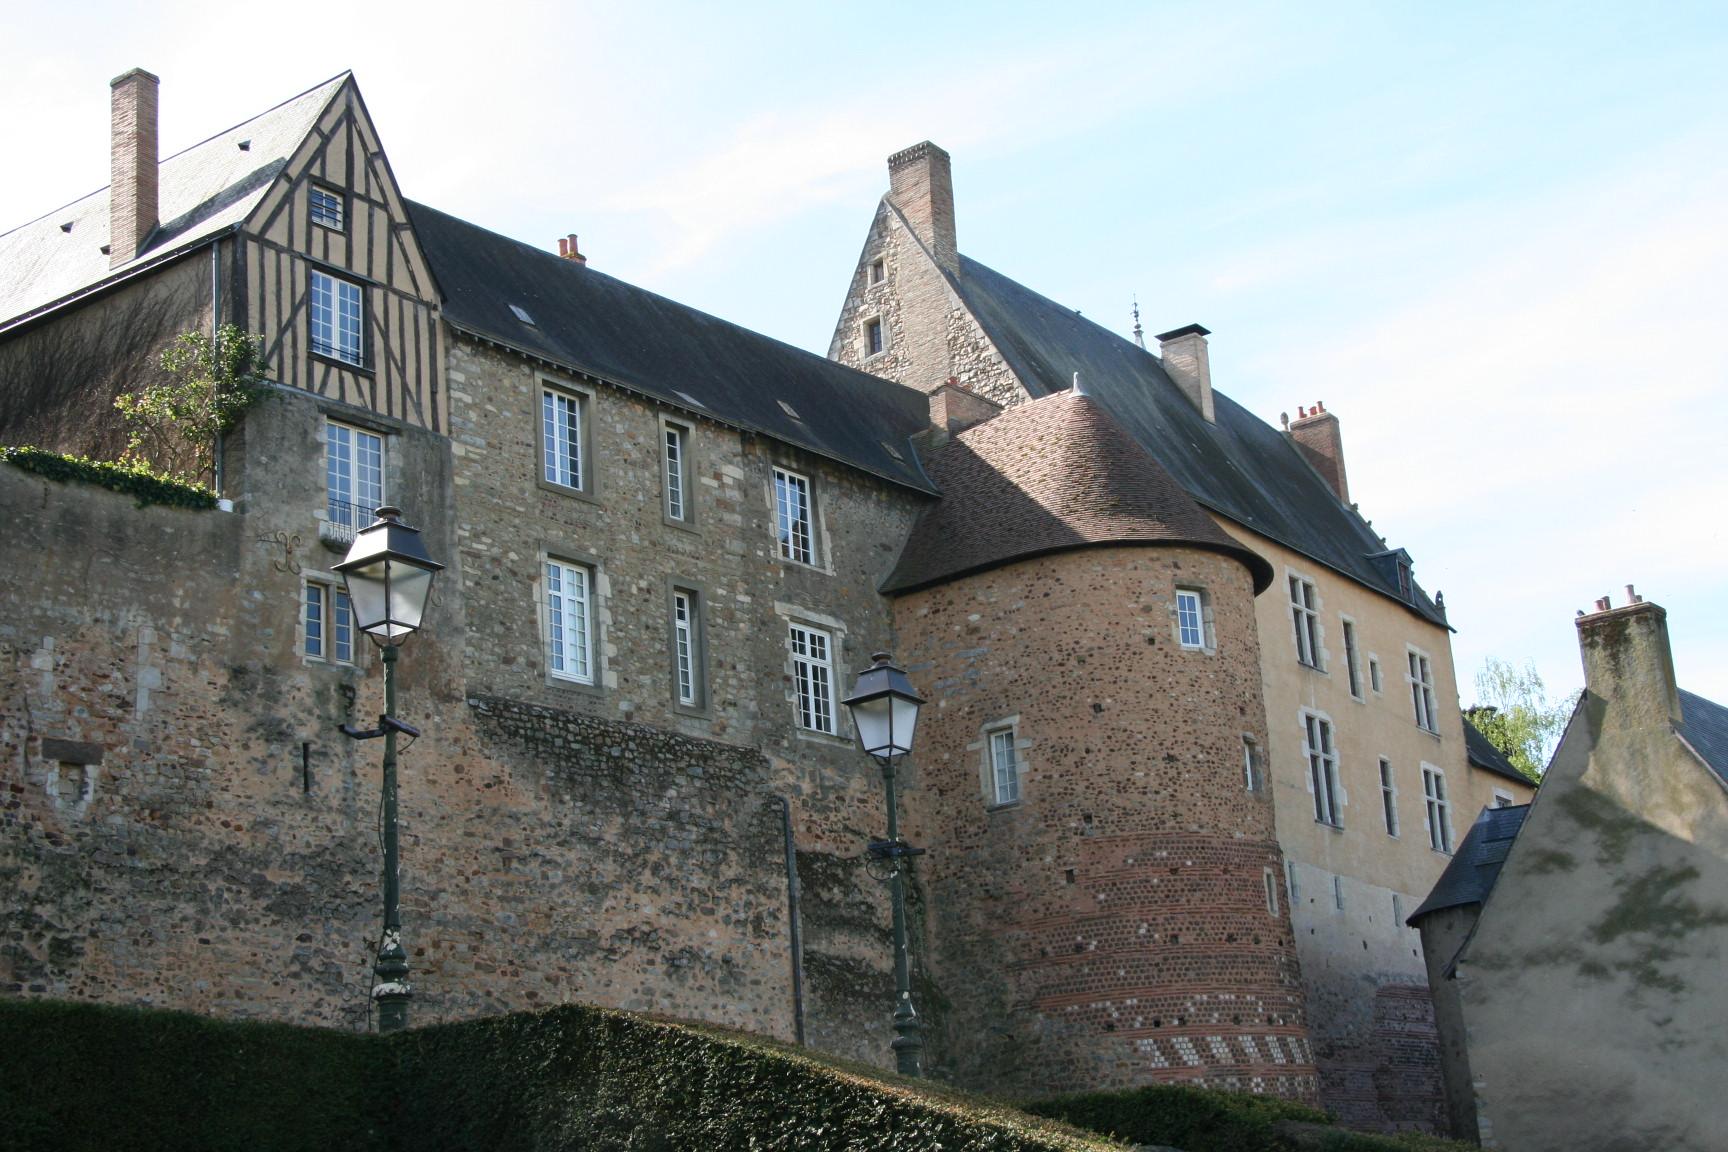 Le Vieux Mans en 2010 - L'enceinte romaine - Muraille 10 - Rue Saint Hilaire - Tour des Ardents 01 (Sylvie Leveau)